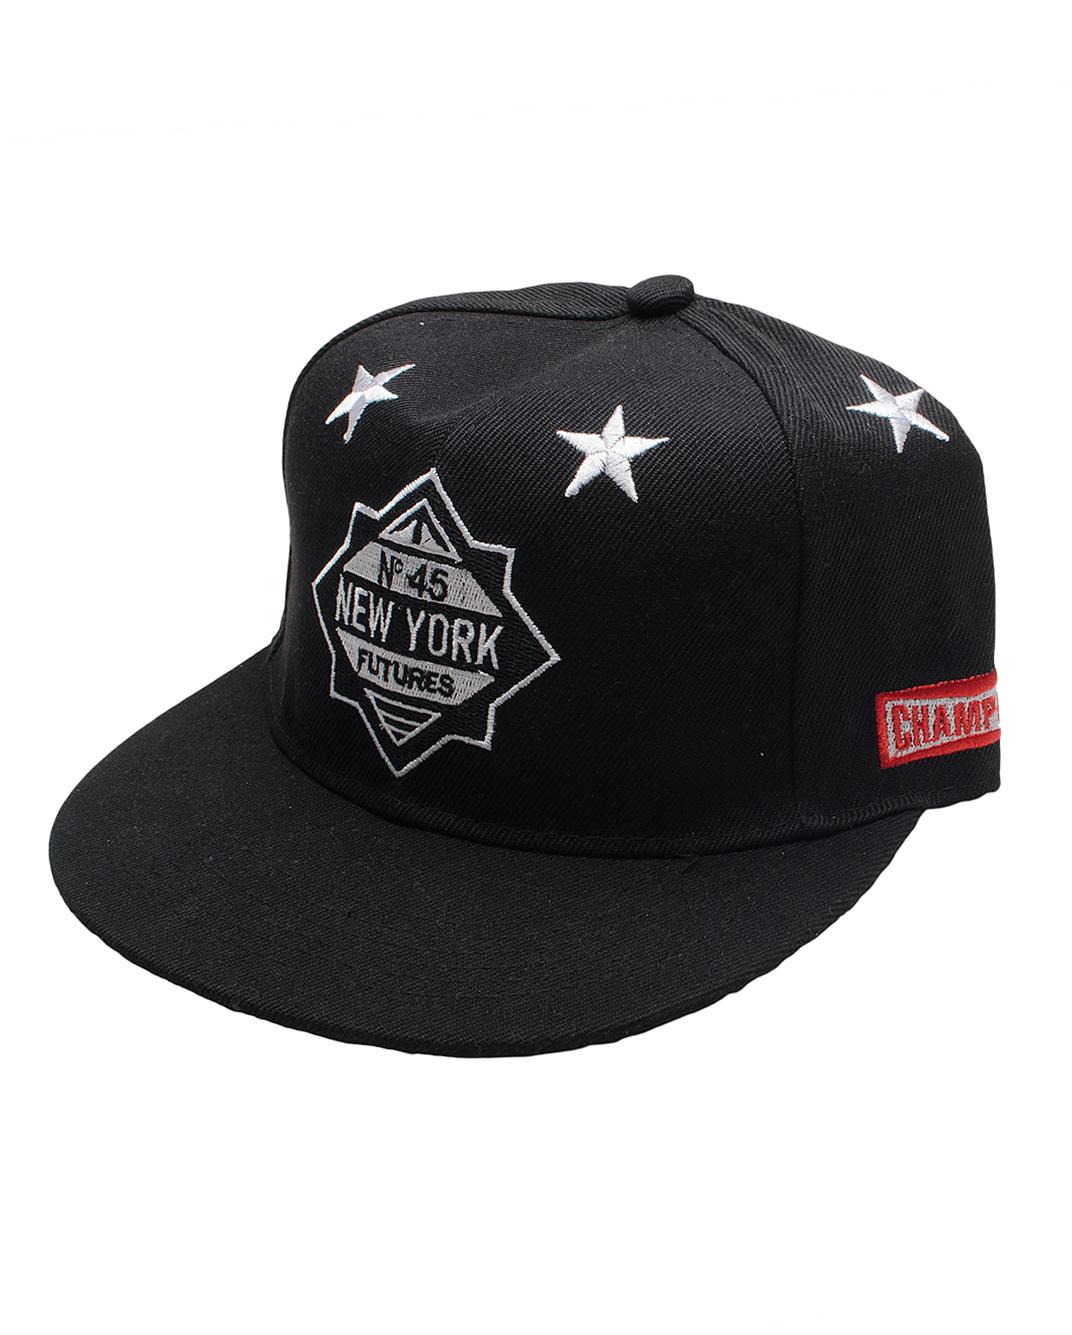 Ανδρικό Καπέλο Futures-Μαύρο αρχική αξεσουάρ καπέλα